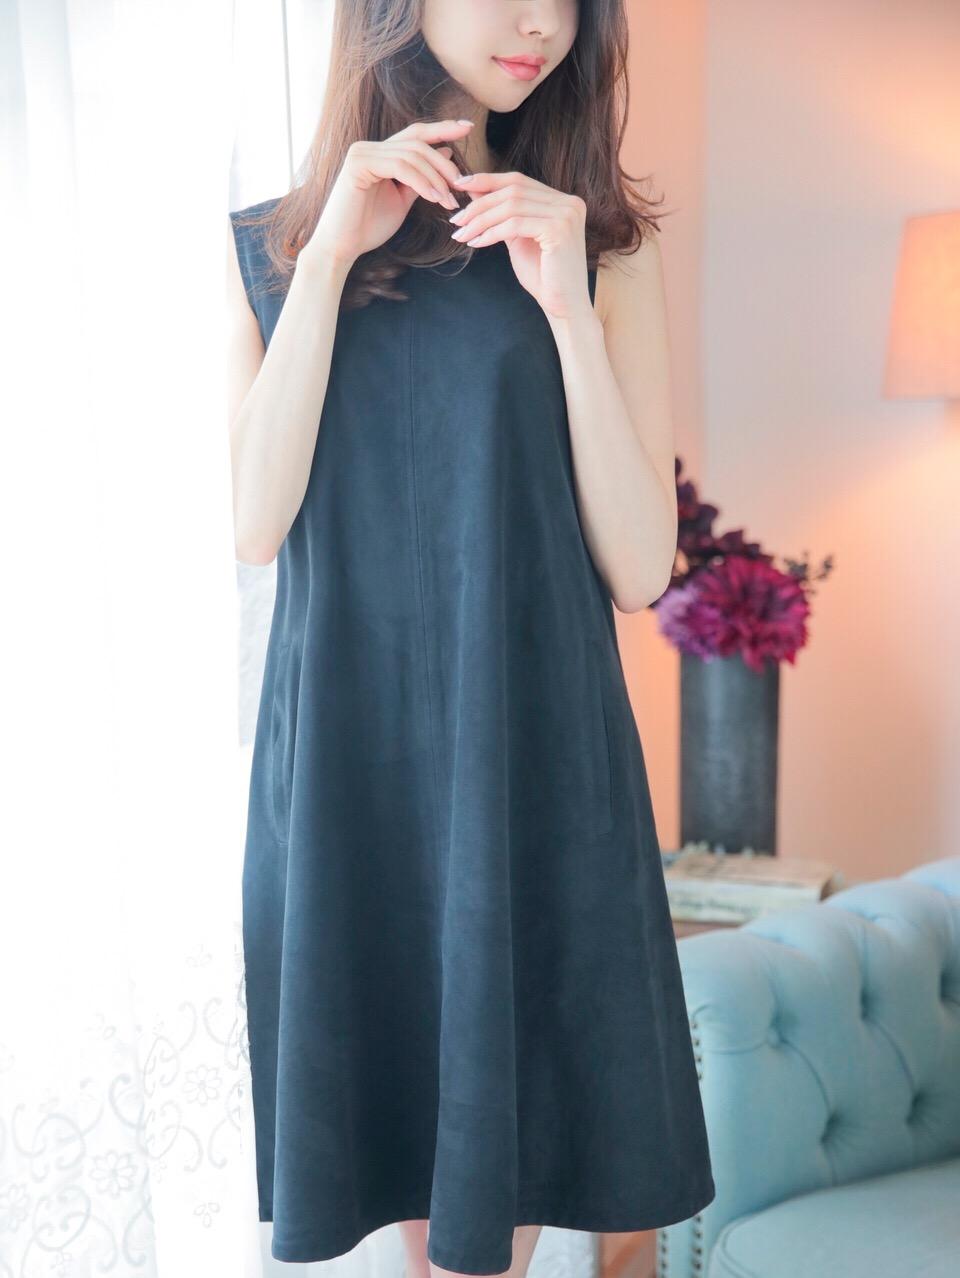 高級デリヘル|美浜 優子